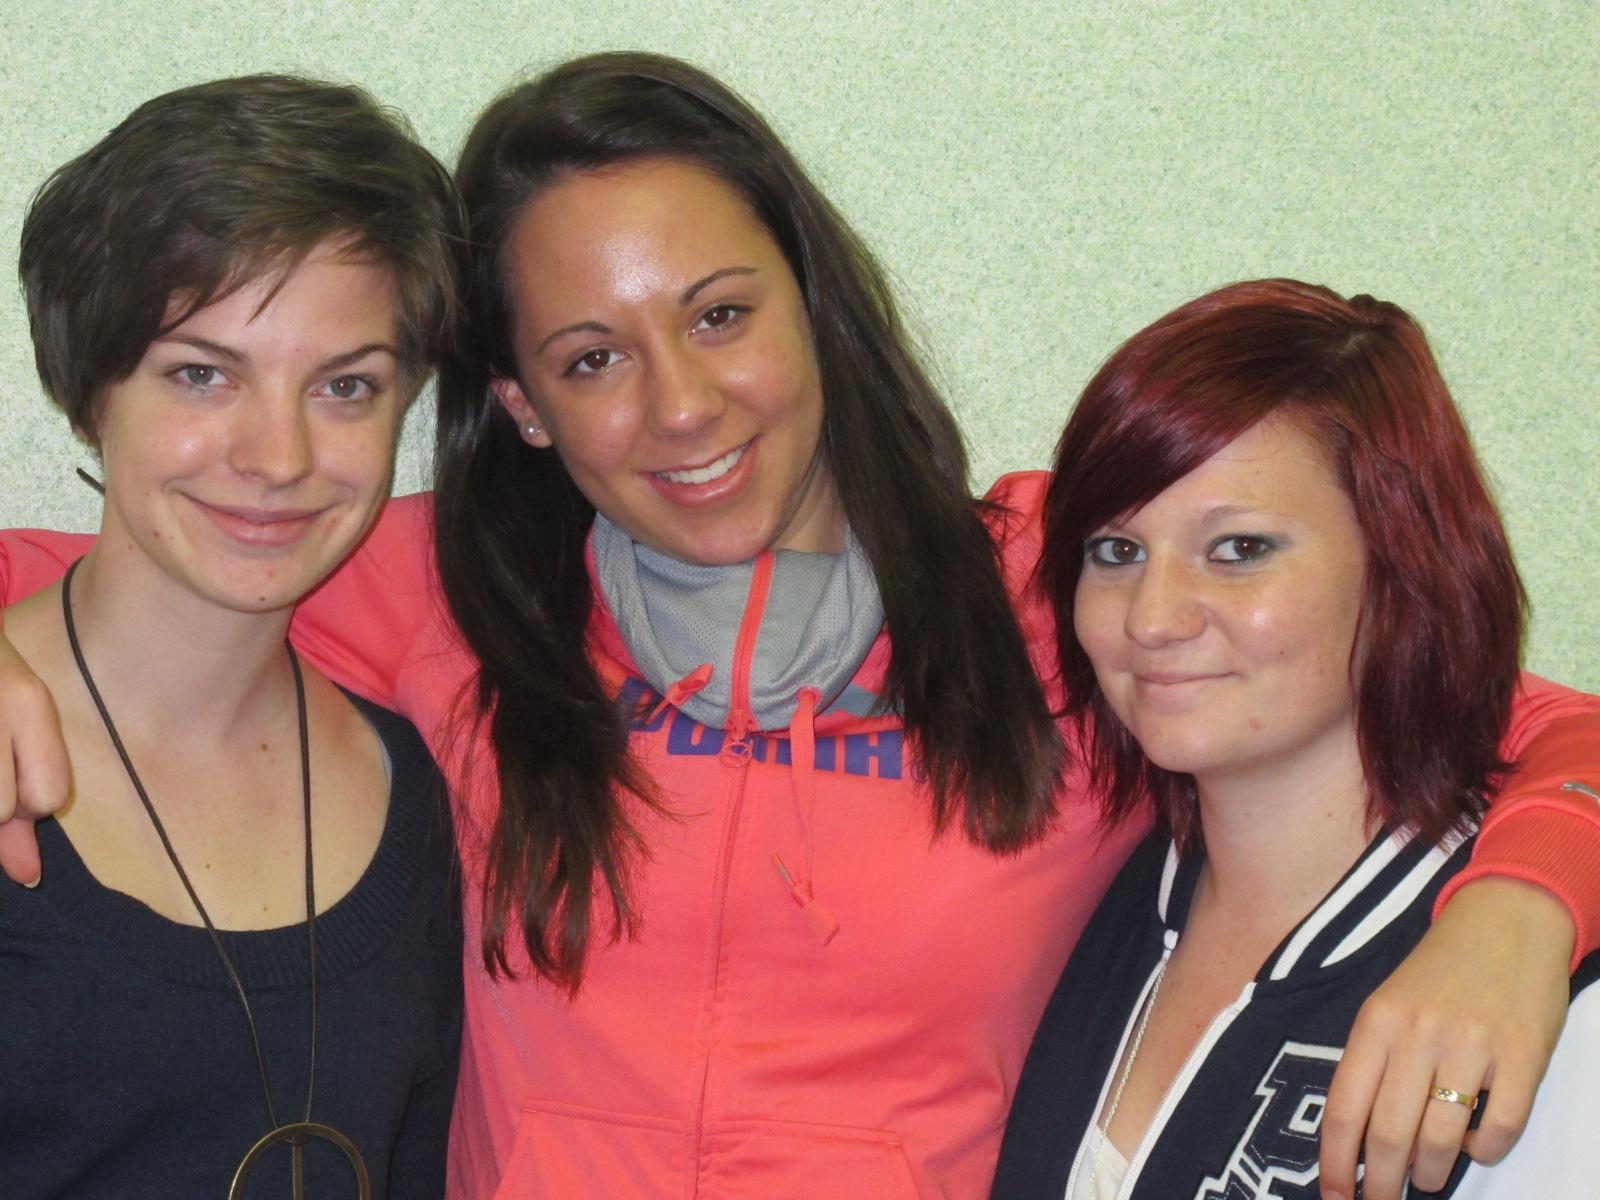 Teilnehmerinnen des BDB-Jugendleitercamps 2011